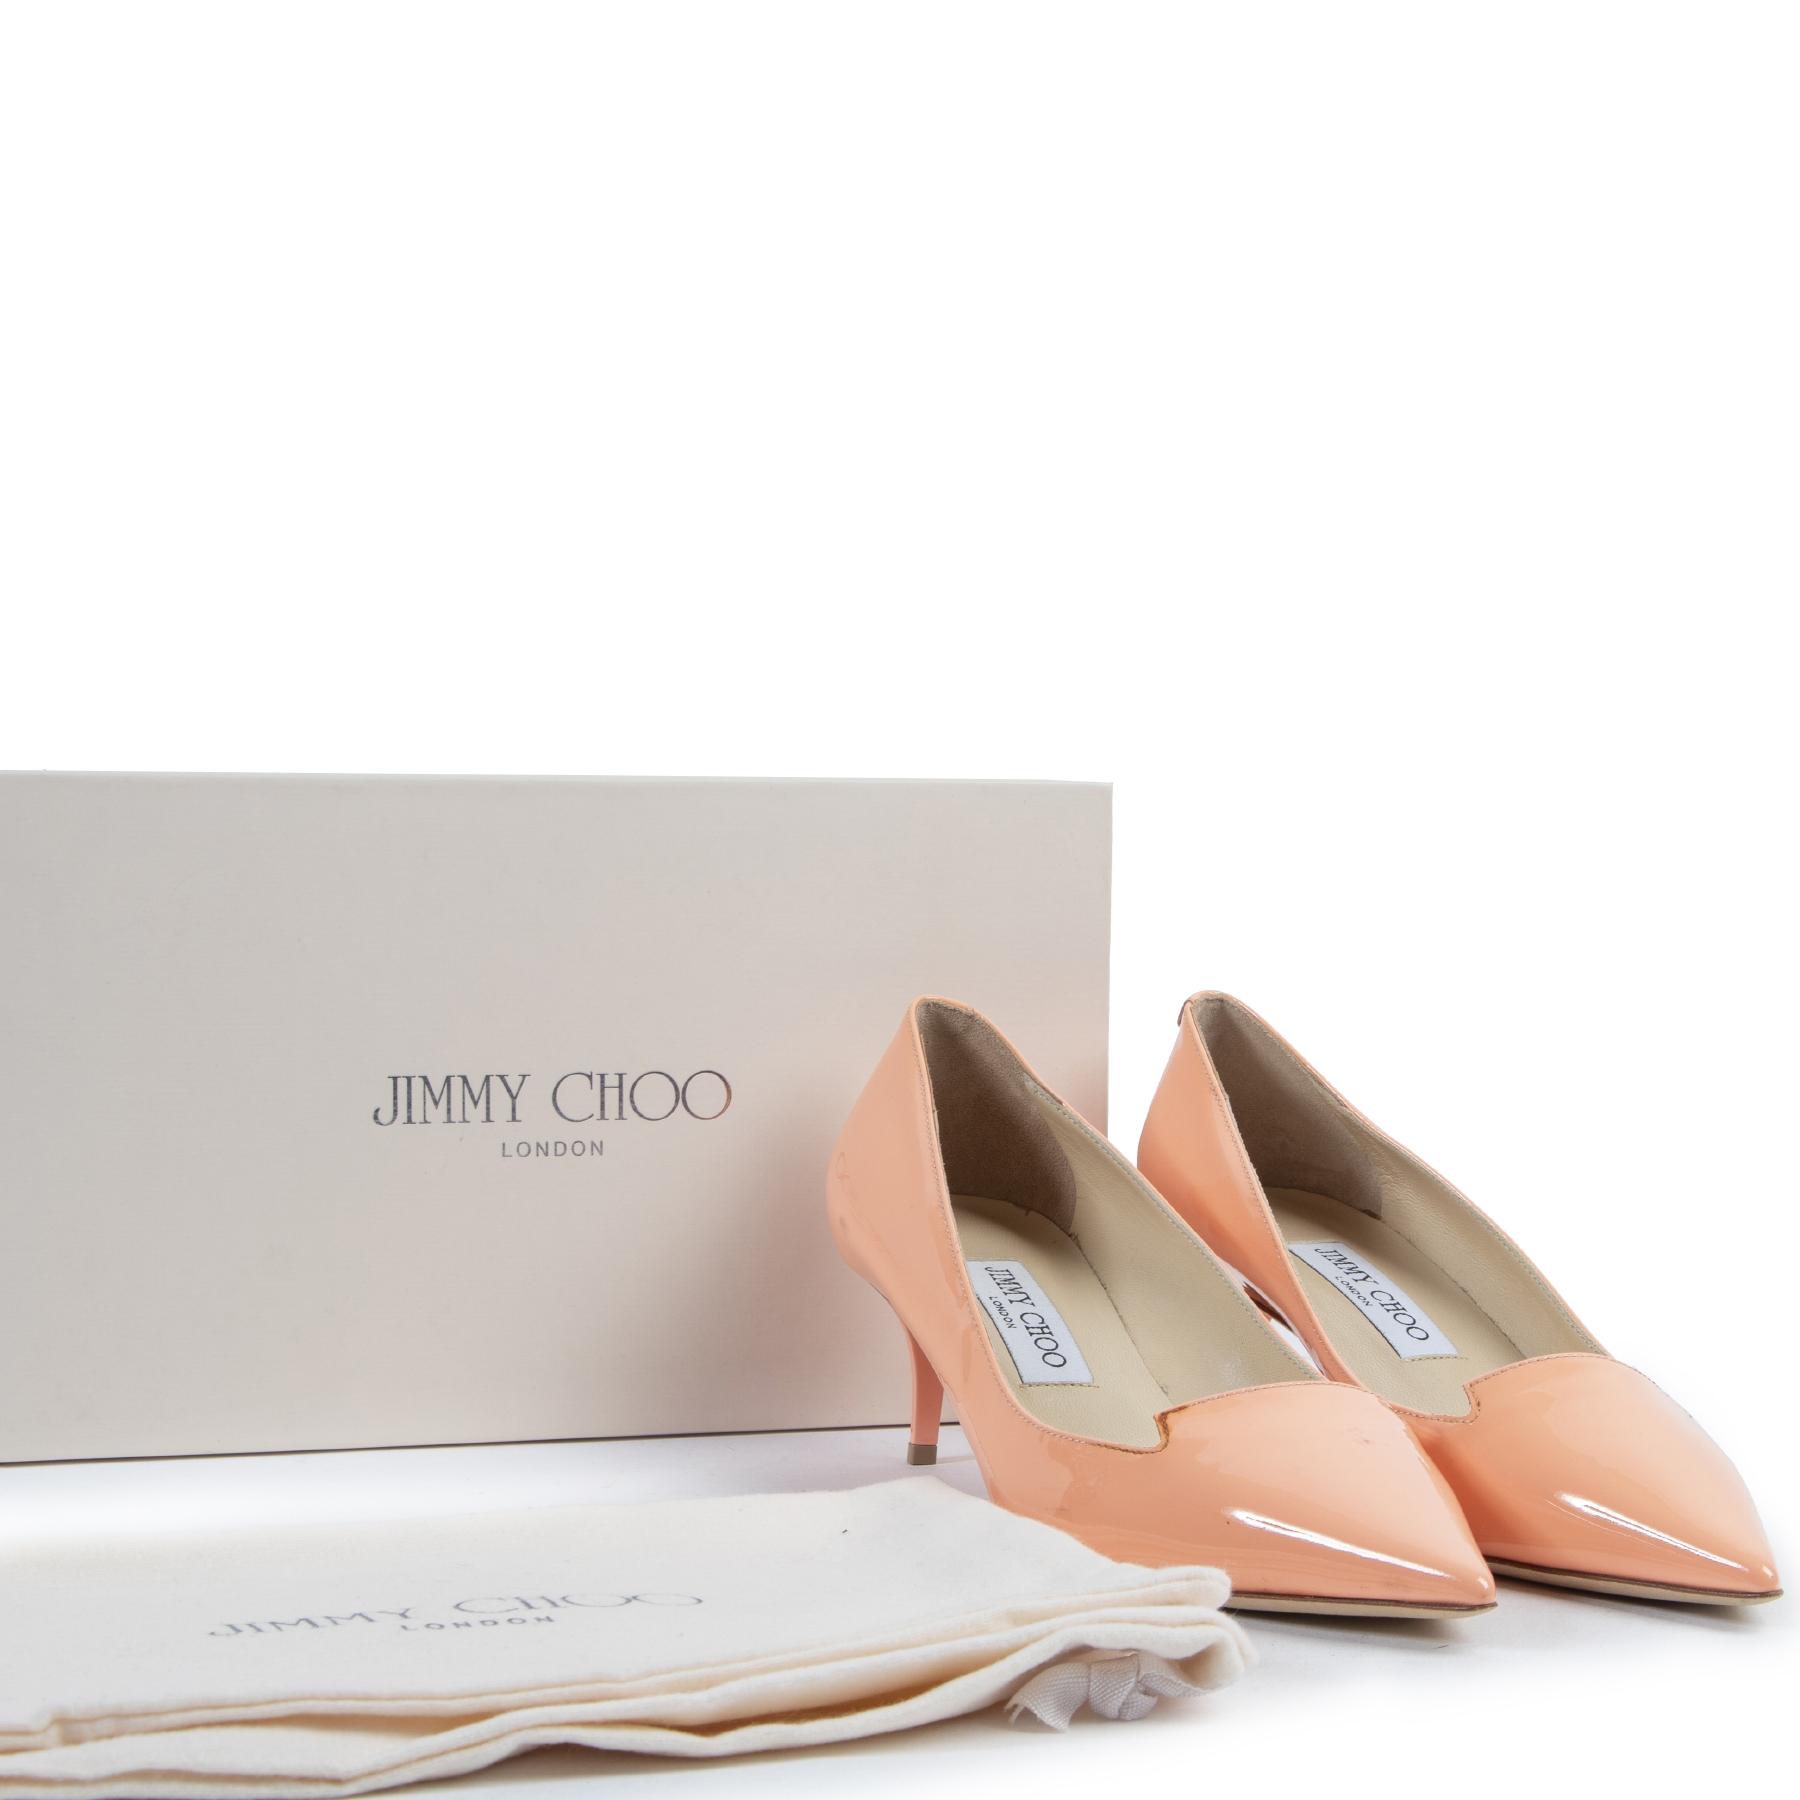 Authentieke Tweedehands Jimmy Choo Salmon Patent Leather Pumps - Size 38 juiste prijs veilig online shoppen luxe merken webshop winkelen Antwerpen België mode fashion